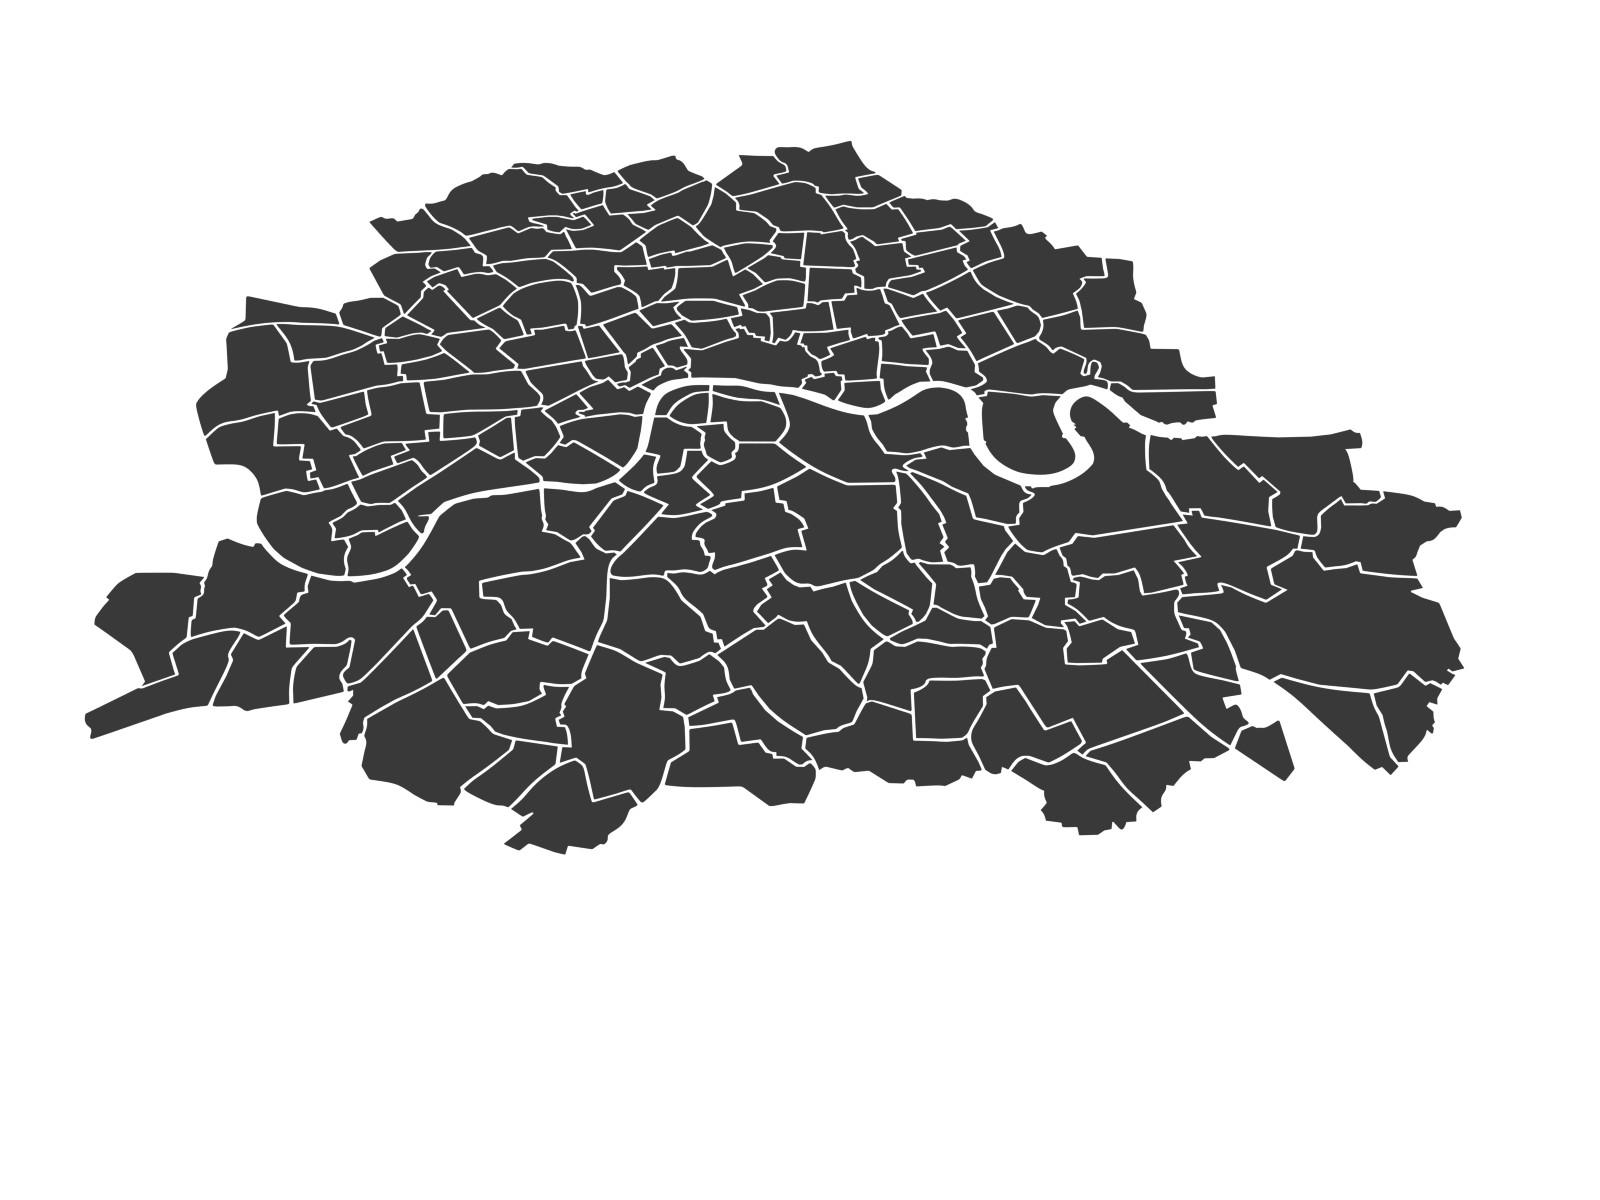 Der ursprüngliche Stadtteilplan von London. Musste allerdings angepasst werden.